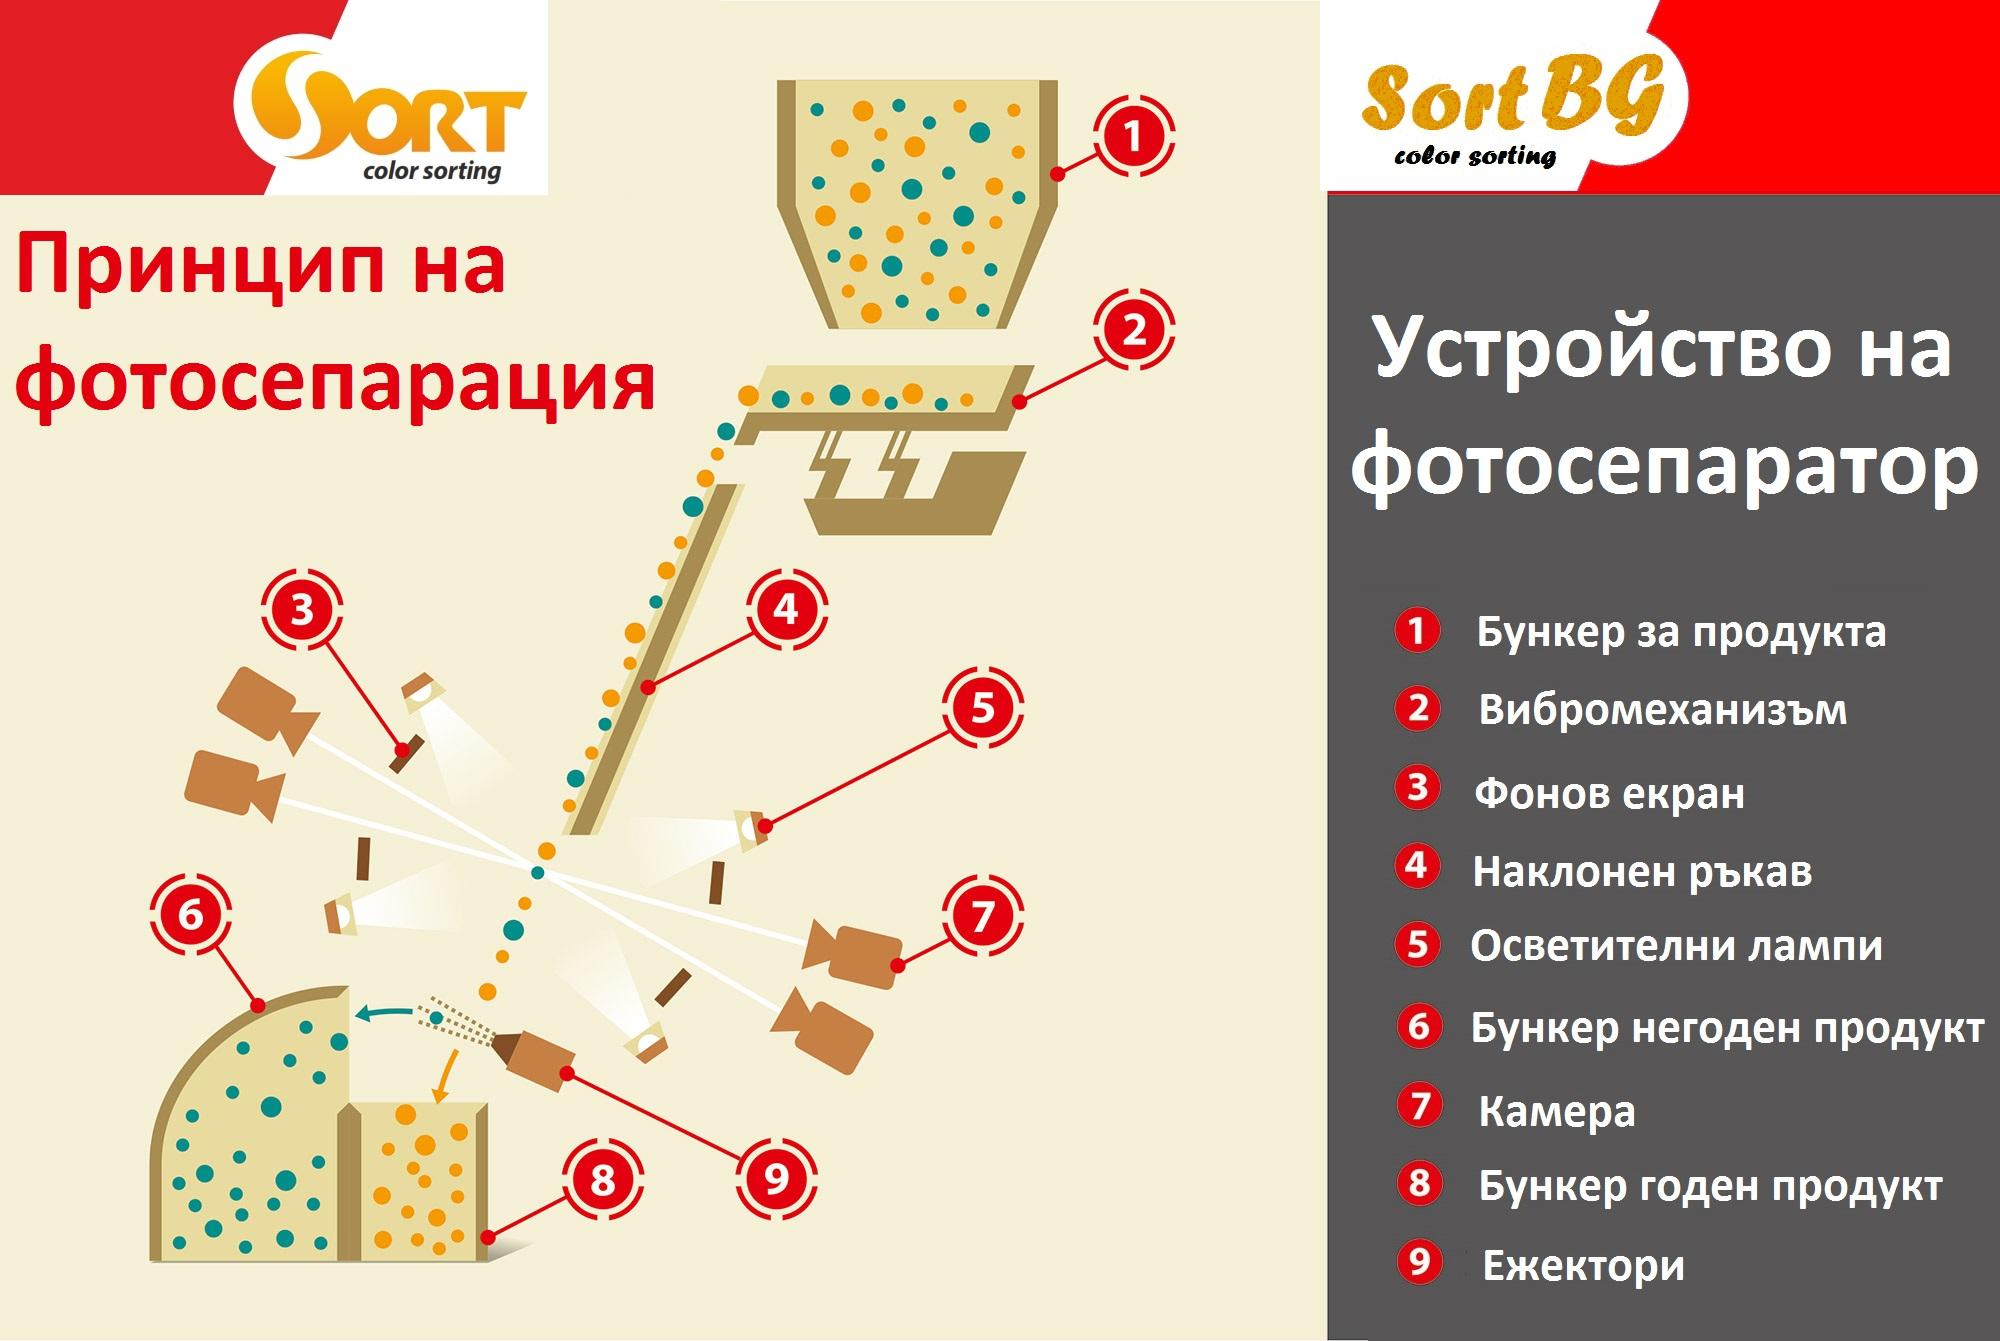 csort, sort, bg, принцип, работа, фото, сепаратор